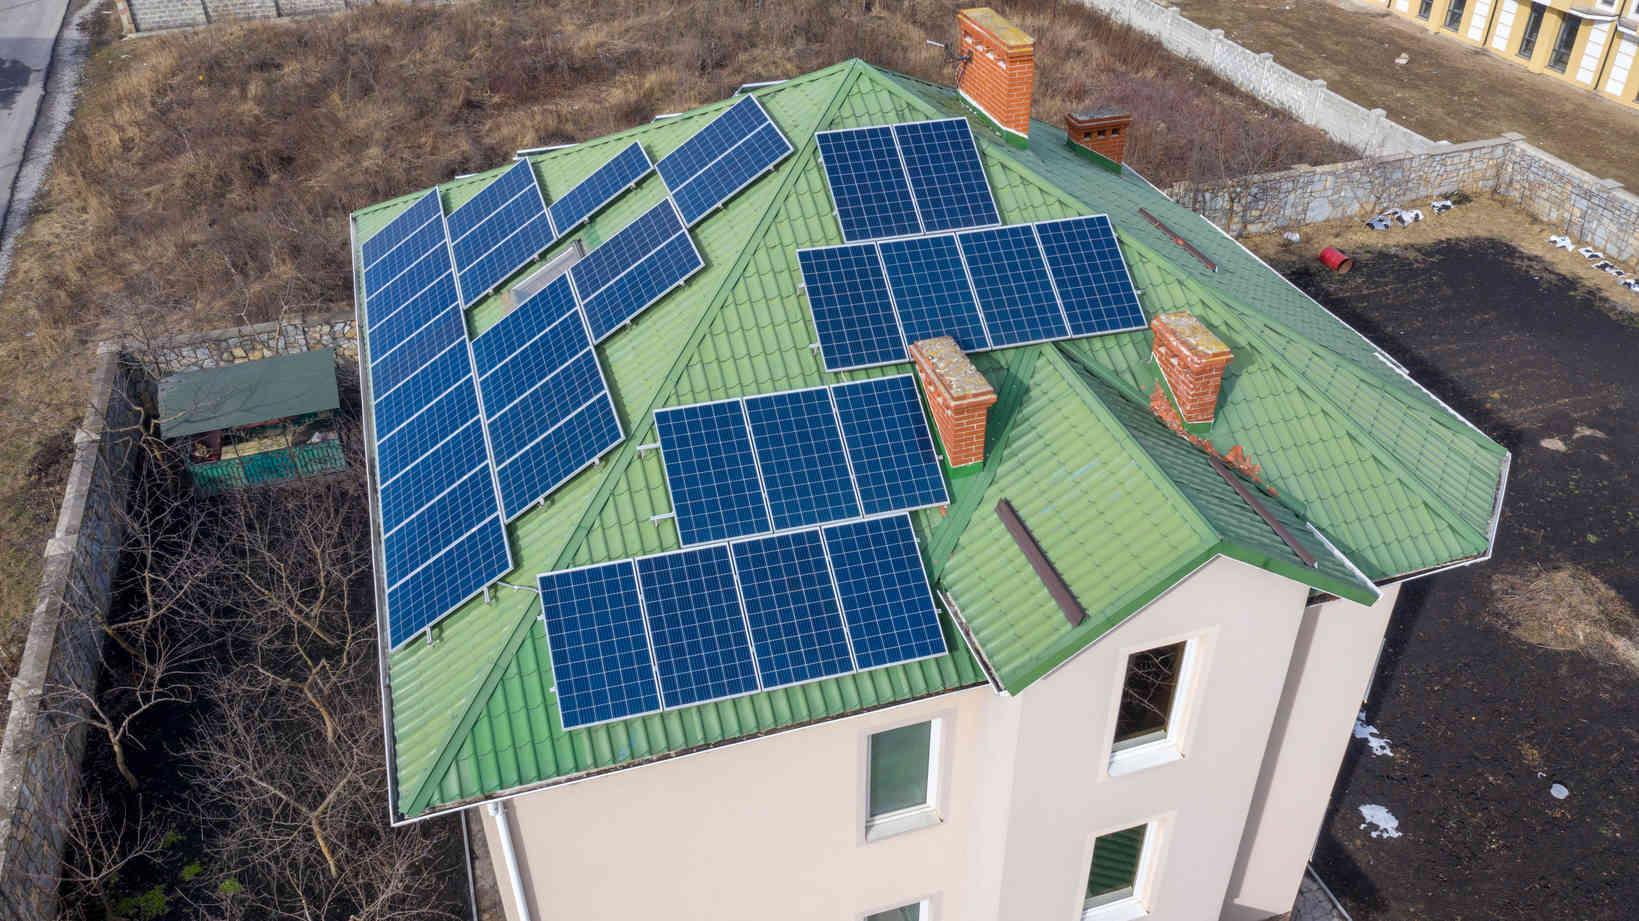 Мережева сонячна електростанція (СЕС) потужністю 15,12 кВт – Фотозвіт #1